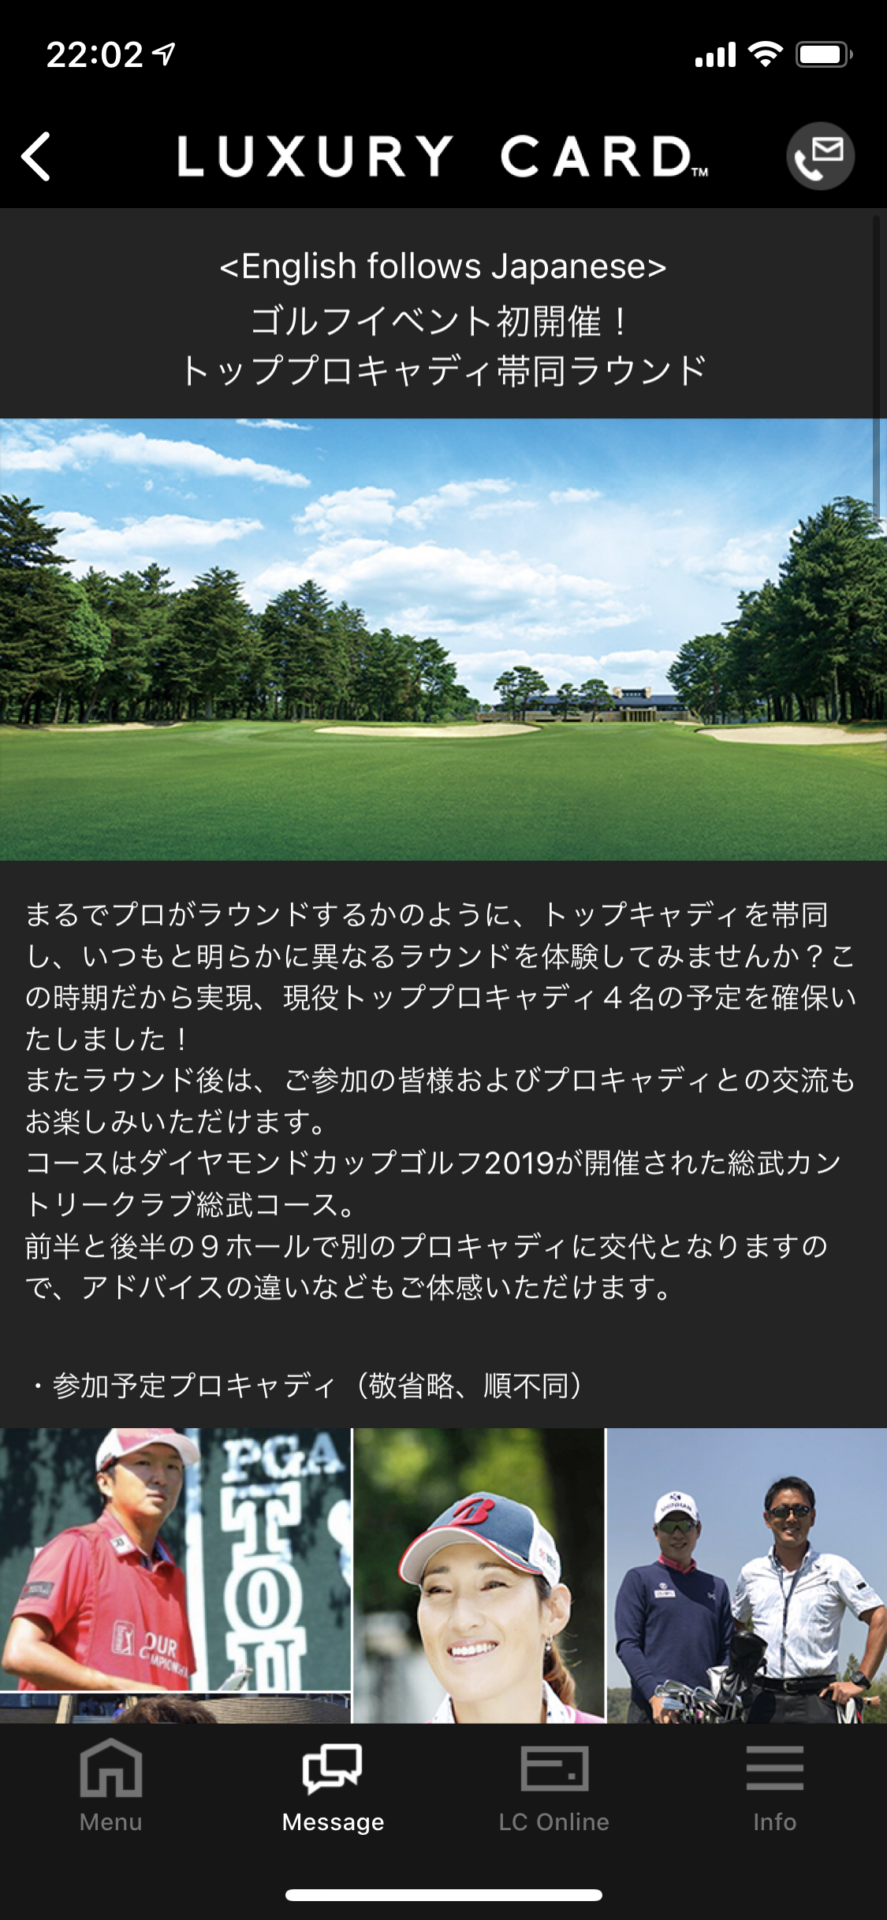 ラグジュアリーカードのゴルフイベント「トッププロキャディ帯同ラウンド」